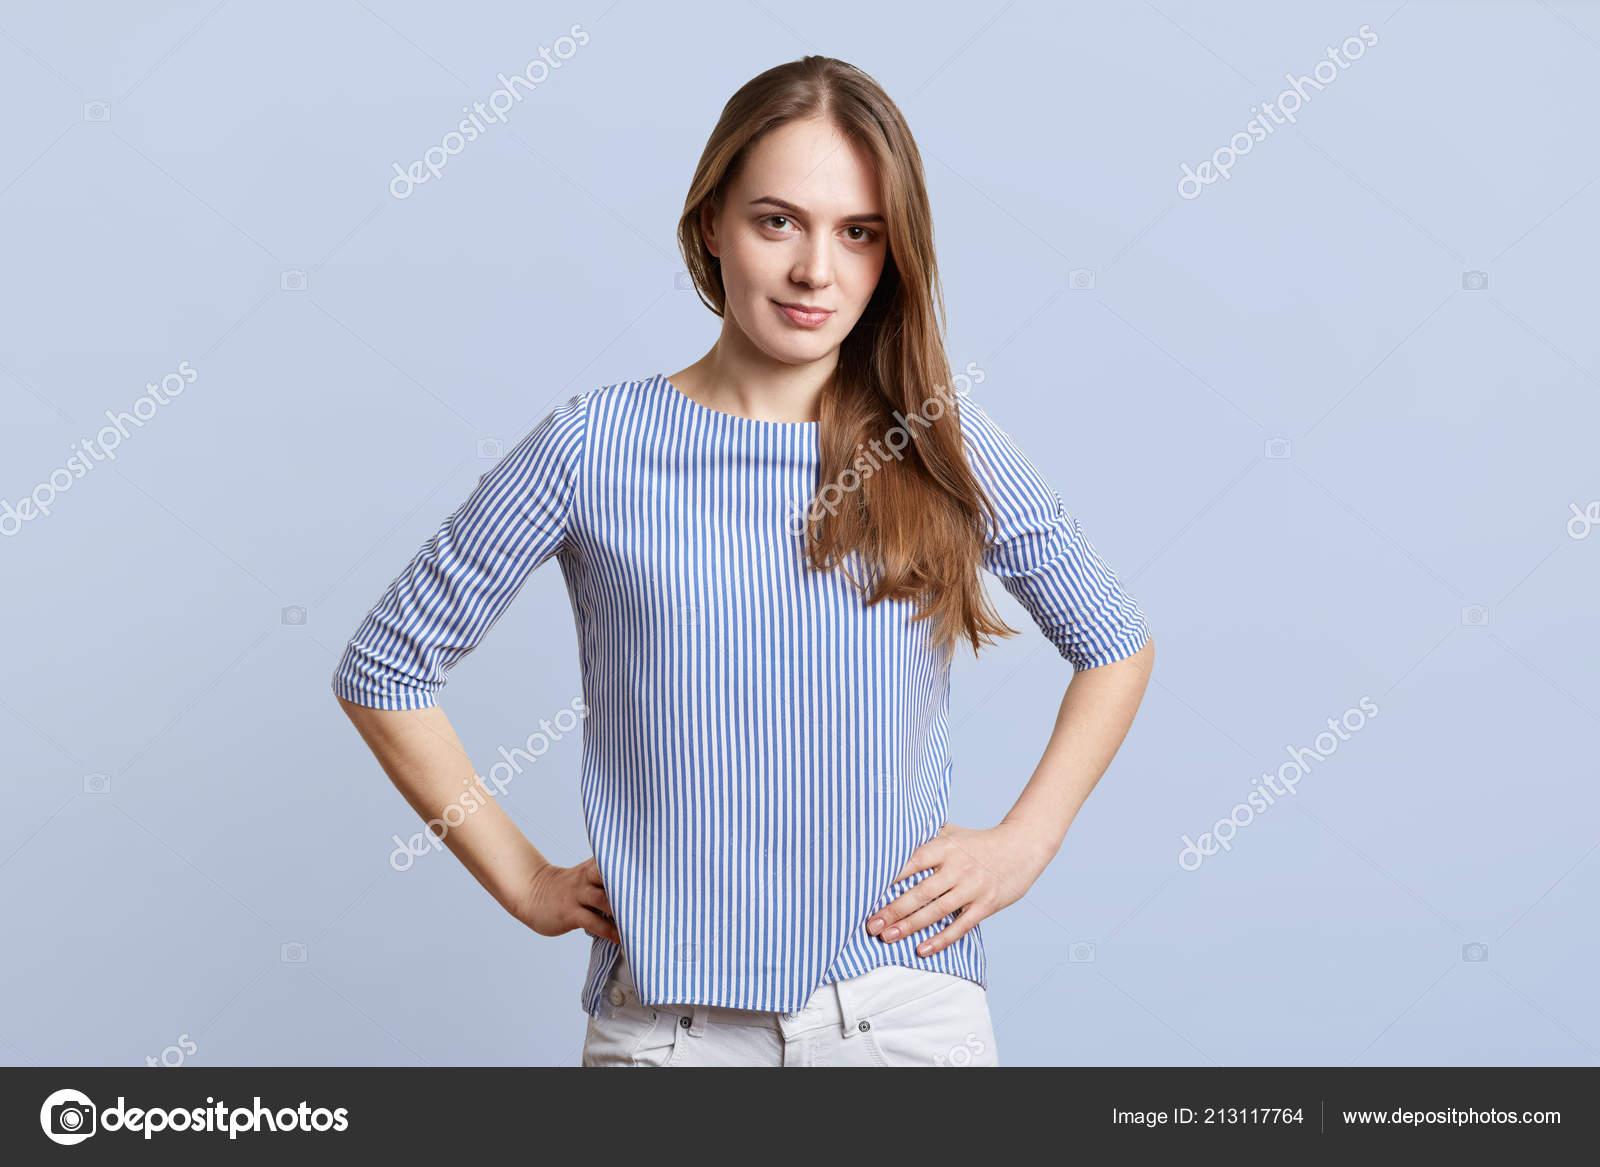 b9d3bceba0f0 Tiro horizontal de bastante femenina en ropa elegante mantiene las manos en  la cintura, mira con expressionn confiada y decidida en la cámara, ...